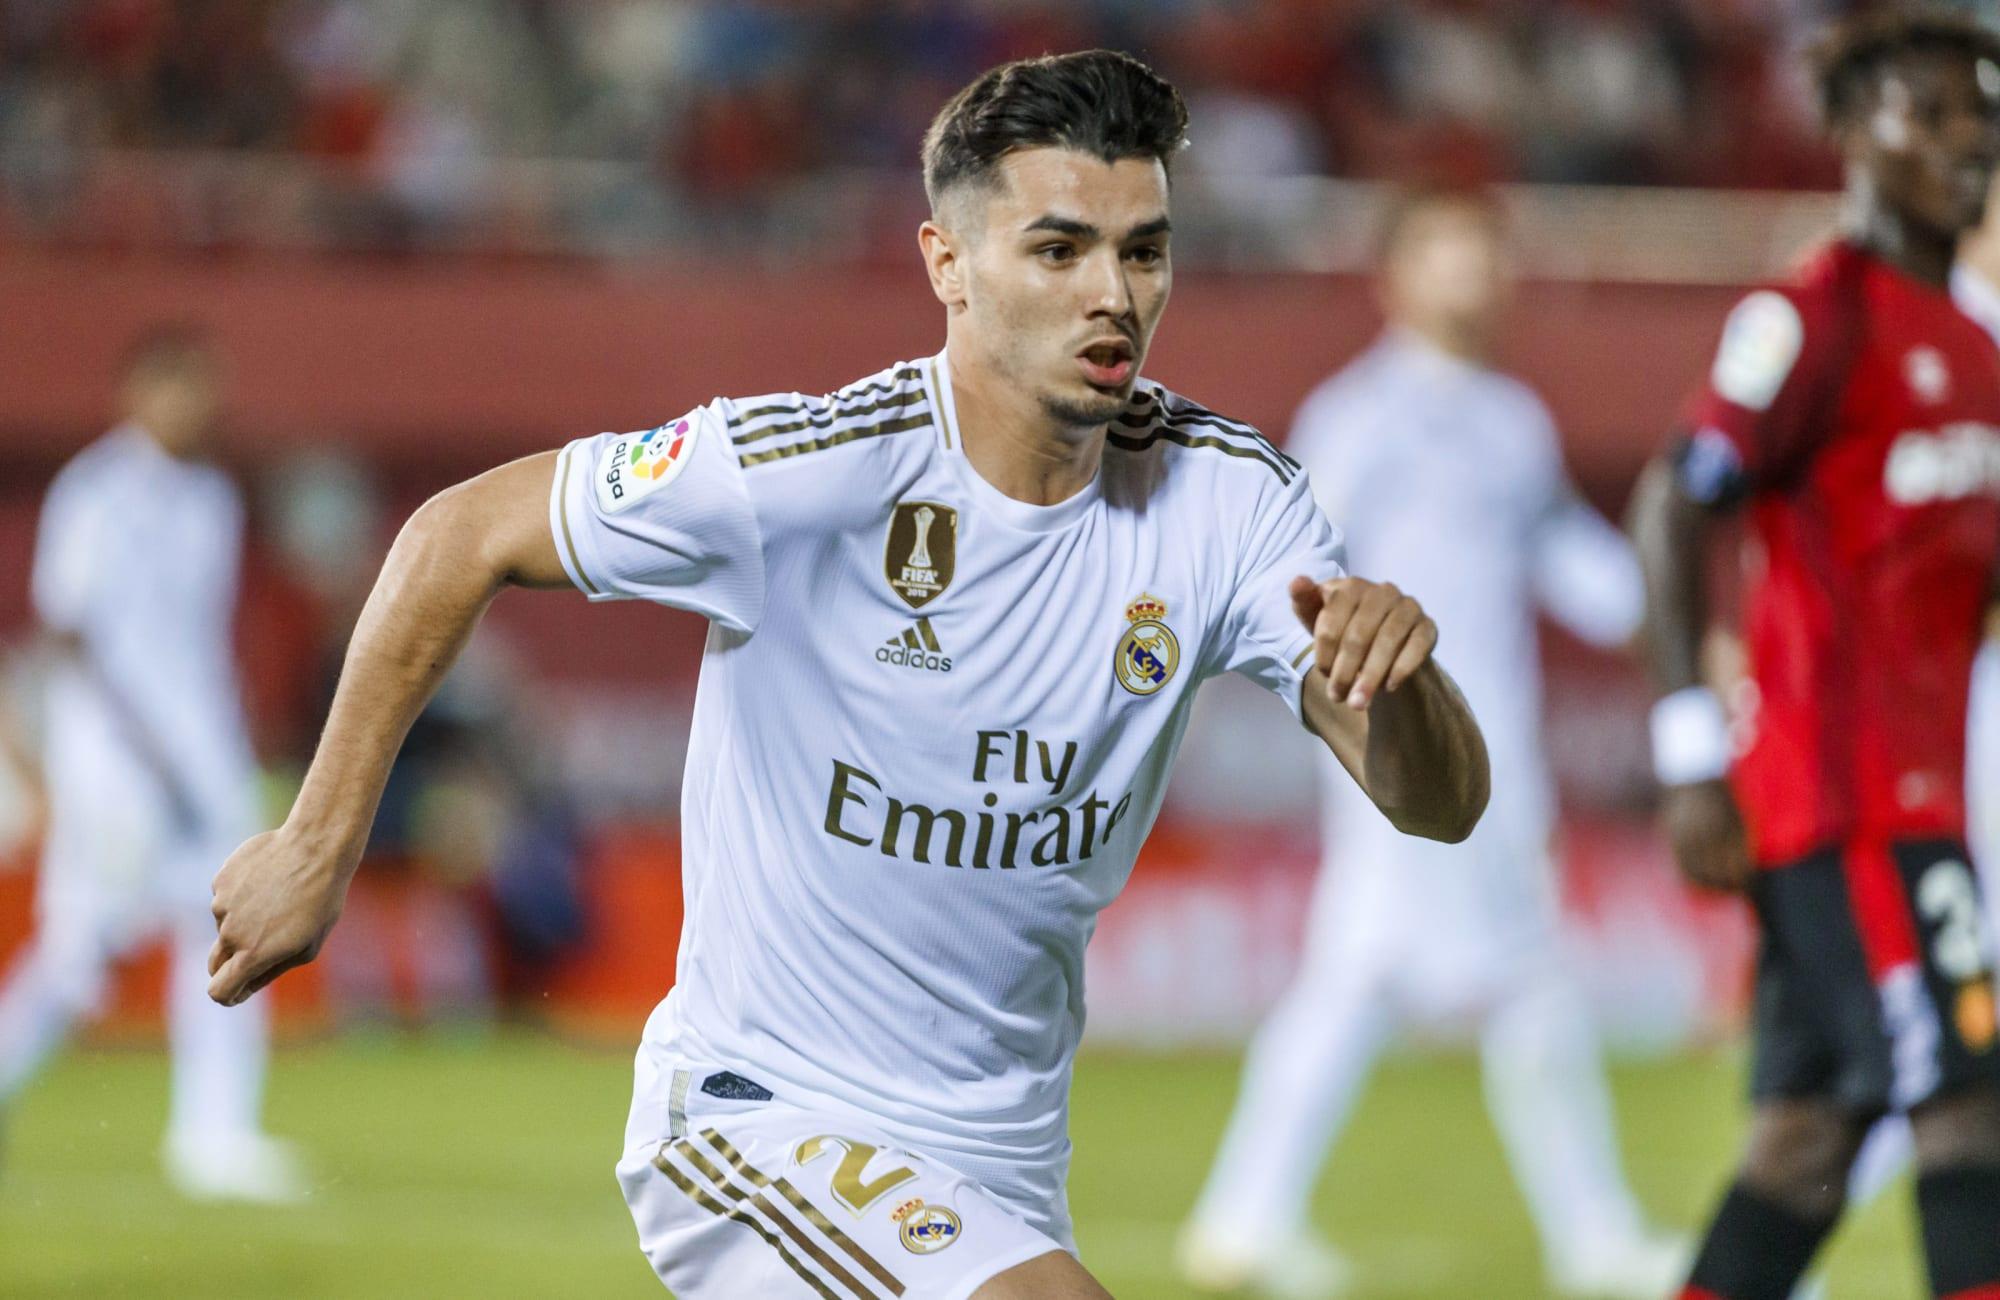 AC Milan ký hợp đồng với tiền đạo Brahim Diaz của Real Madrid